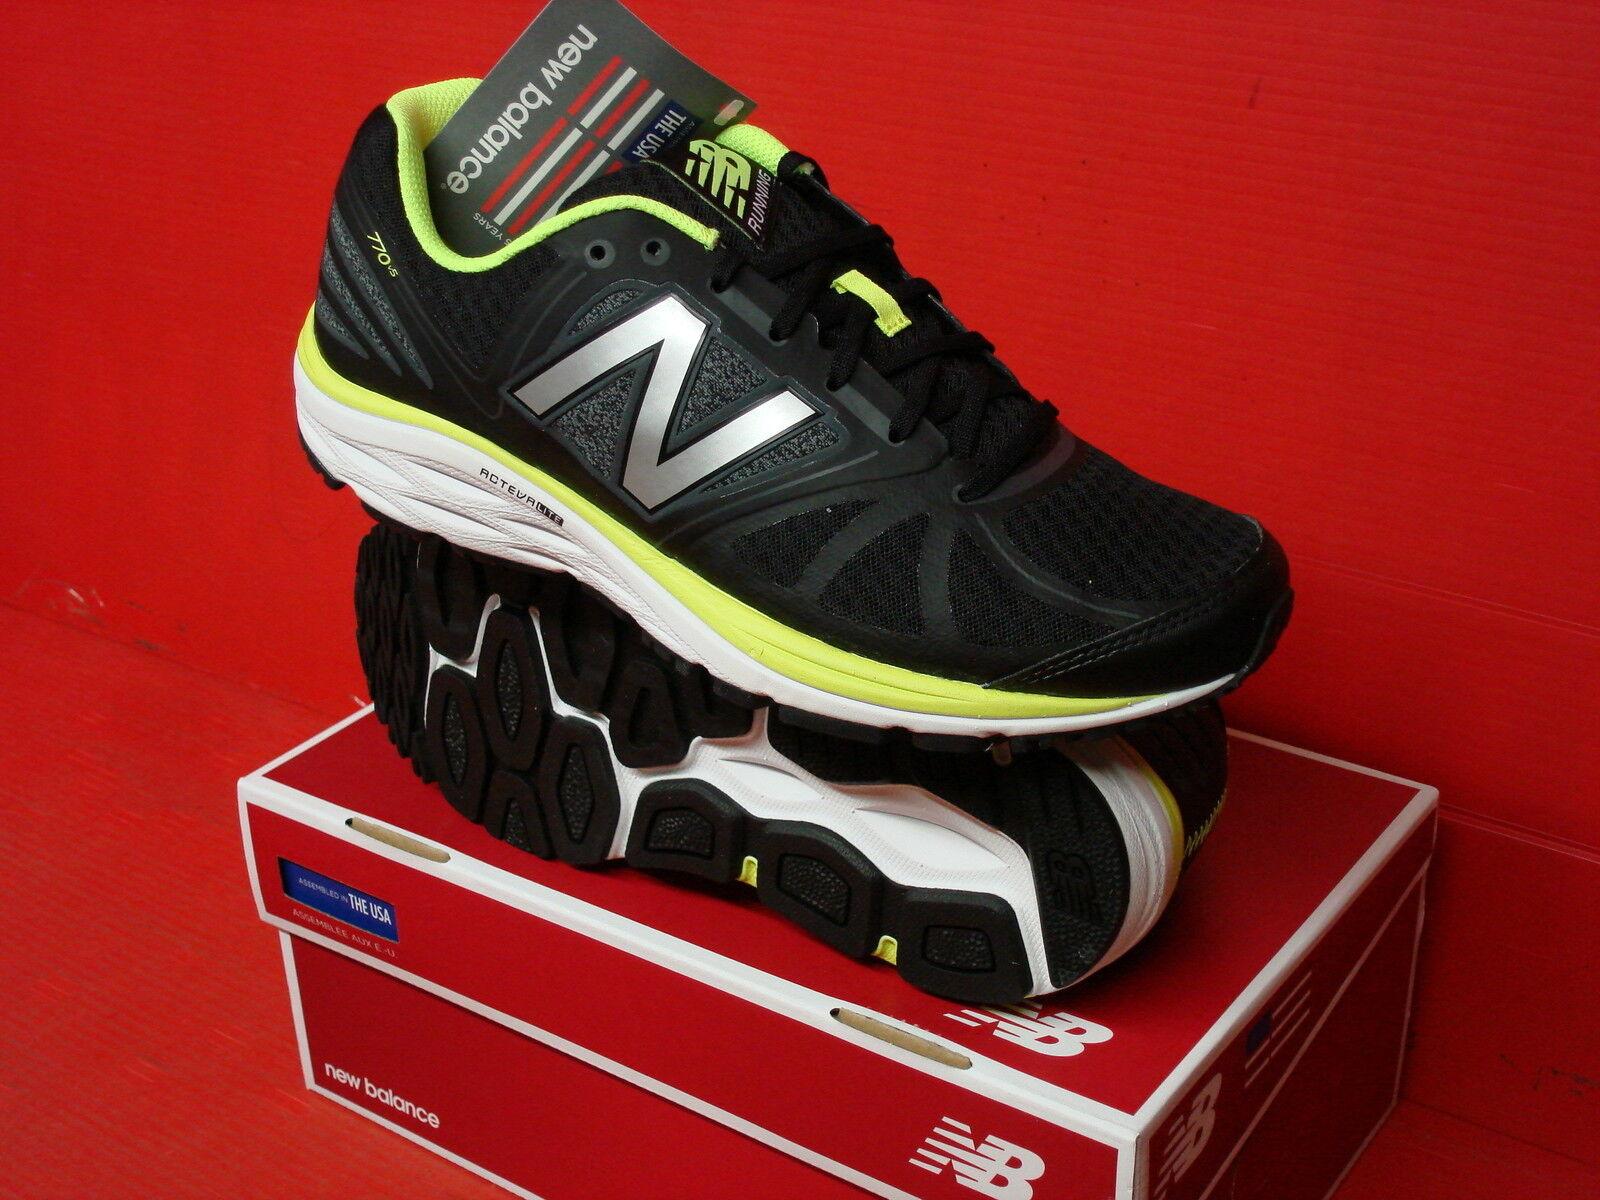 New Balance Para Hombre M 490v5 Zapatos Para Correr Malla con transpirable ligero carretera con Malla cordones f23199